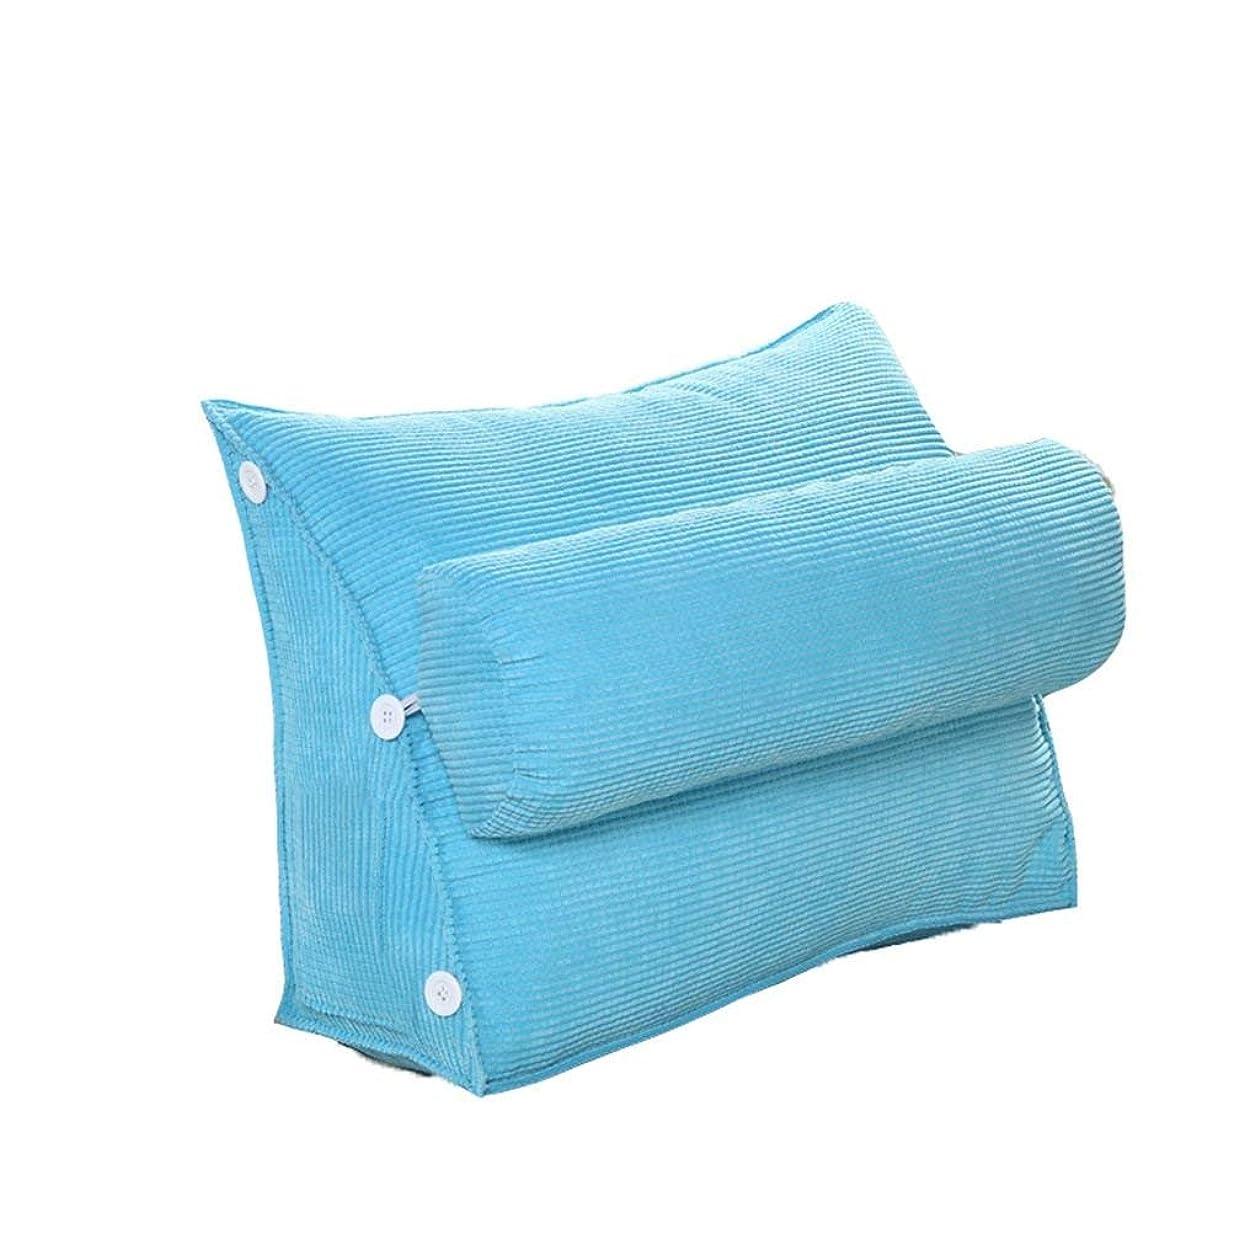 先入観便利さラメ18-AnyzhanTrade クッションソファピロークッションベッドヘッドラージピローオフィスウエストから洗えるトライアングル (Color : B, サイズ : 60*50*22cm)